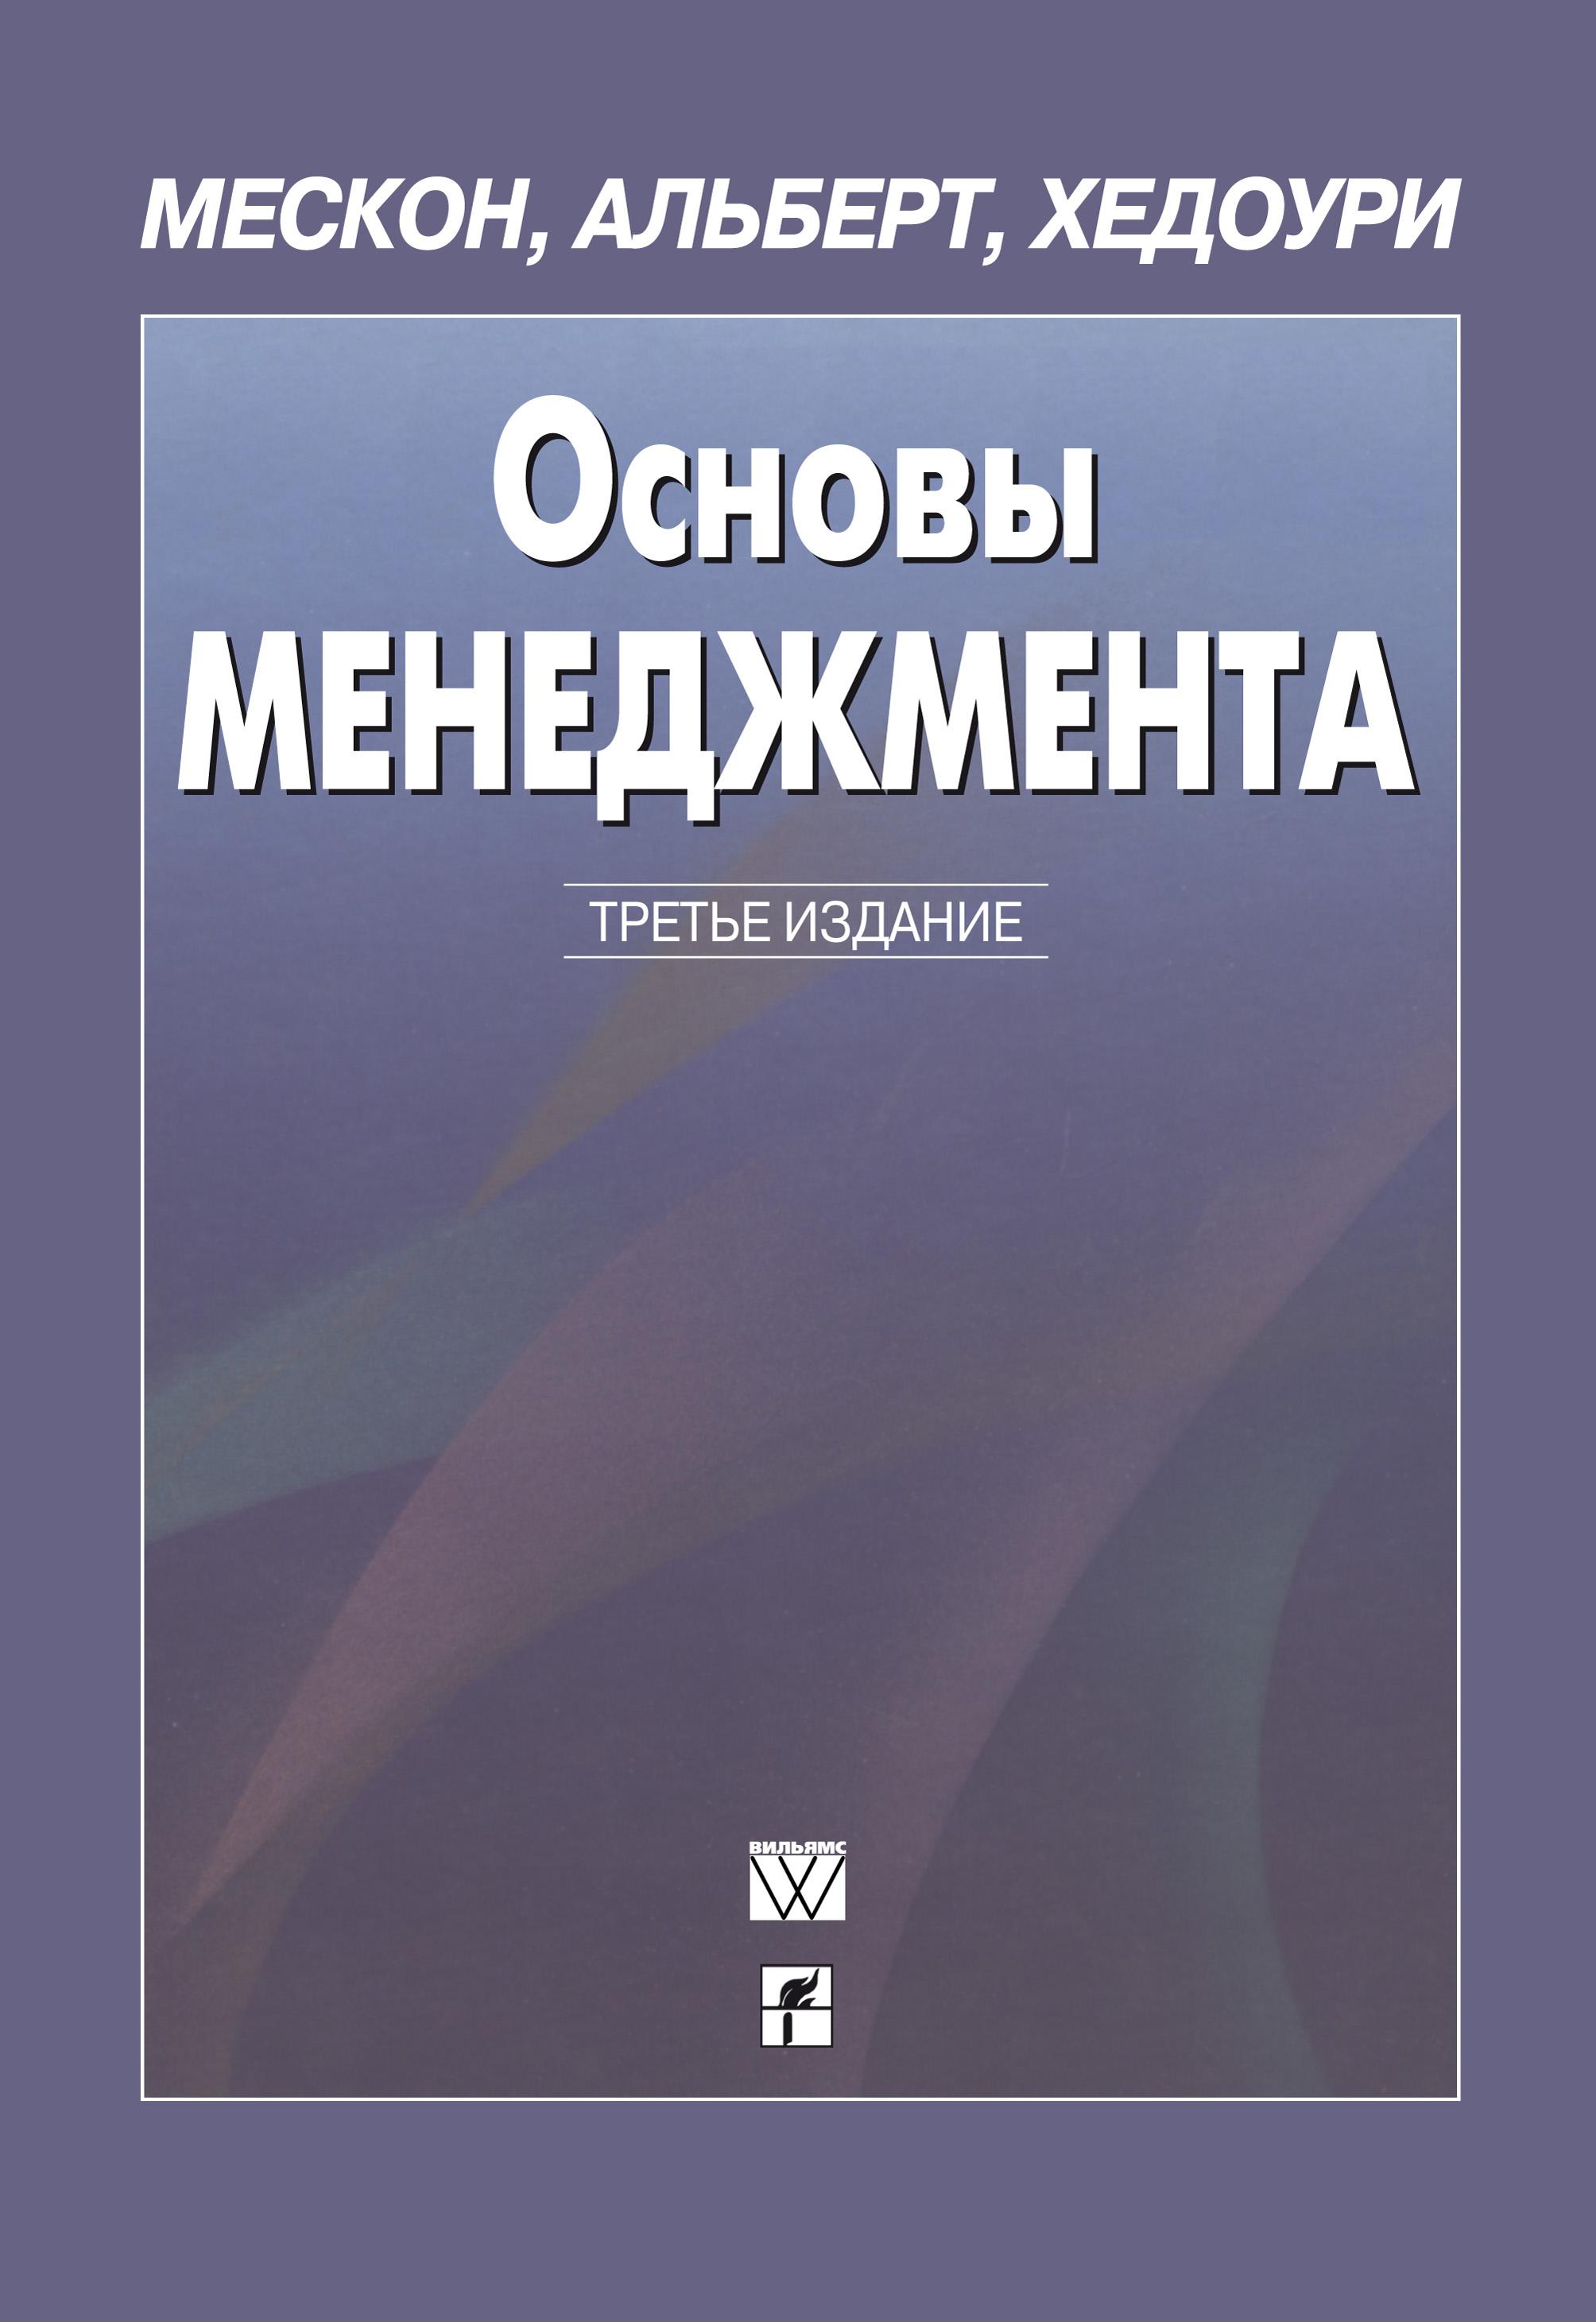 Обложка книги Основы менеджмента